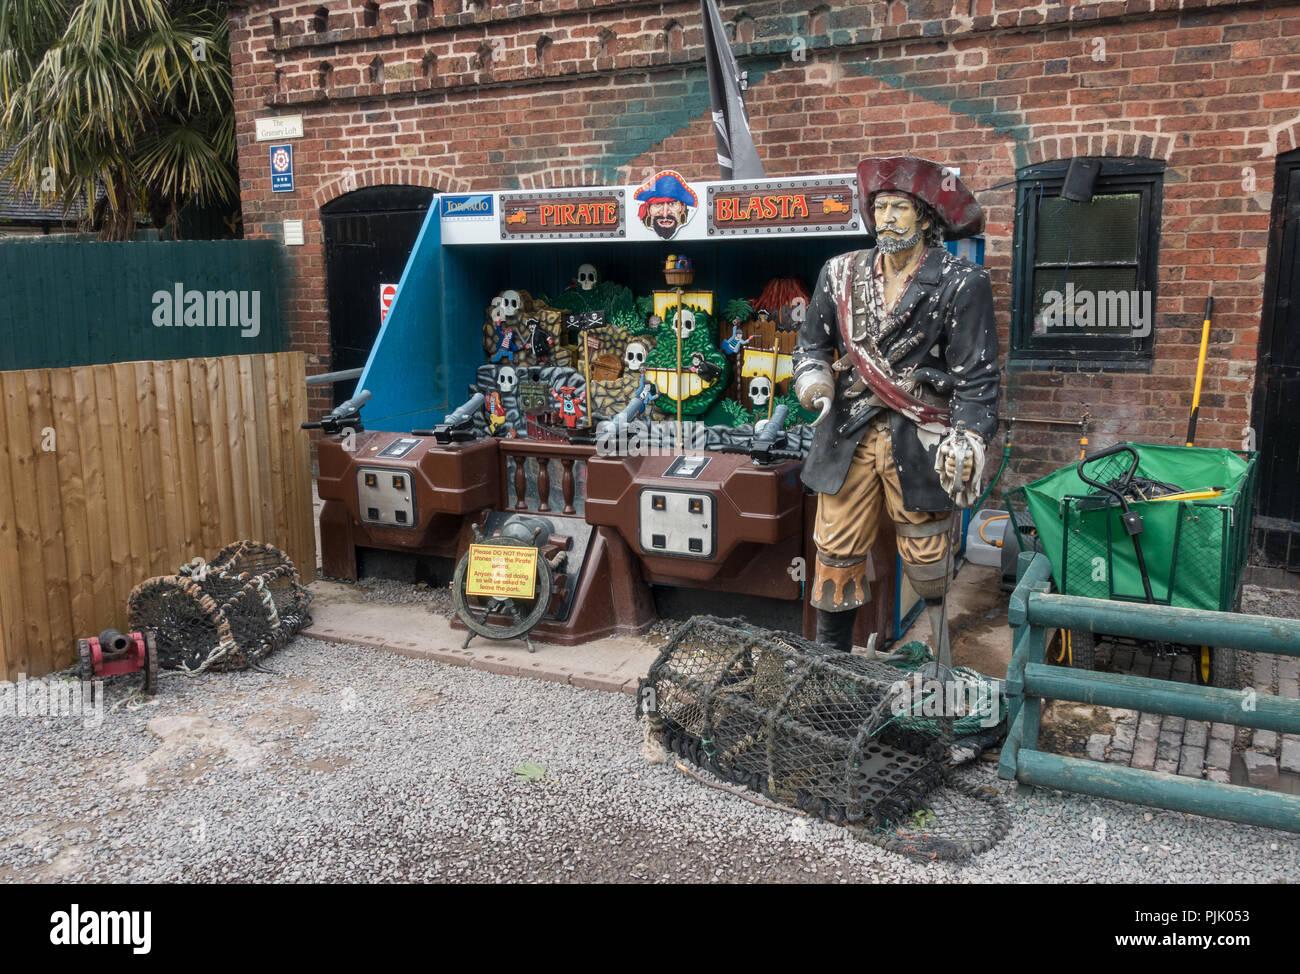 Zoo gift shop - Stock Image